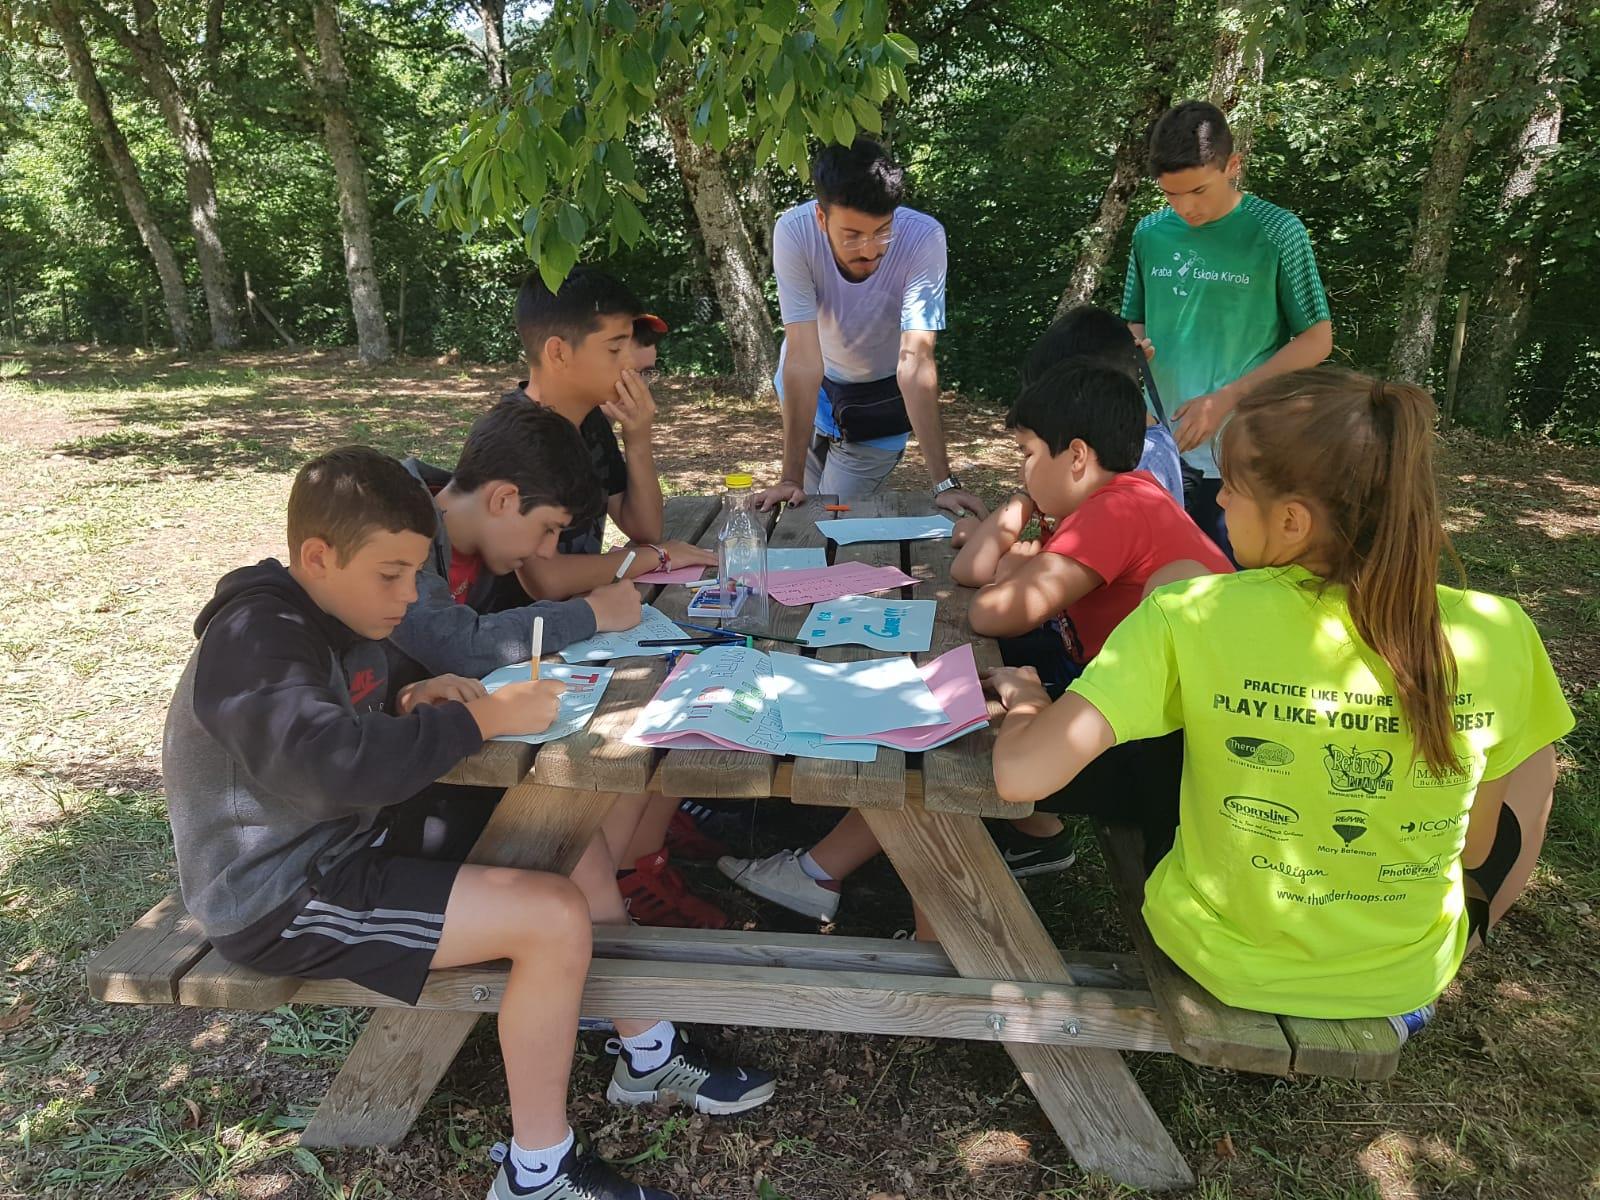 Campamento de verano para niños naturaleza talleres juegos tiempo libre y aventura